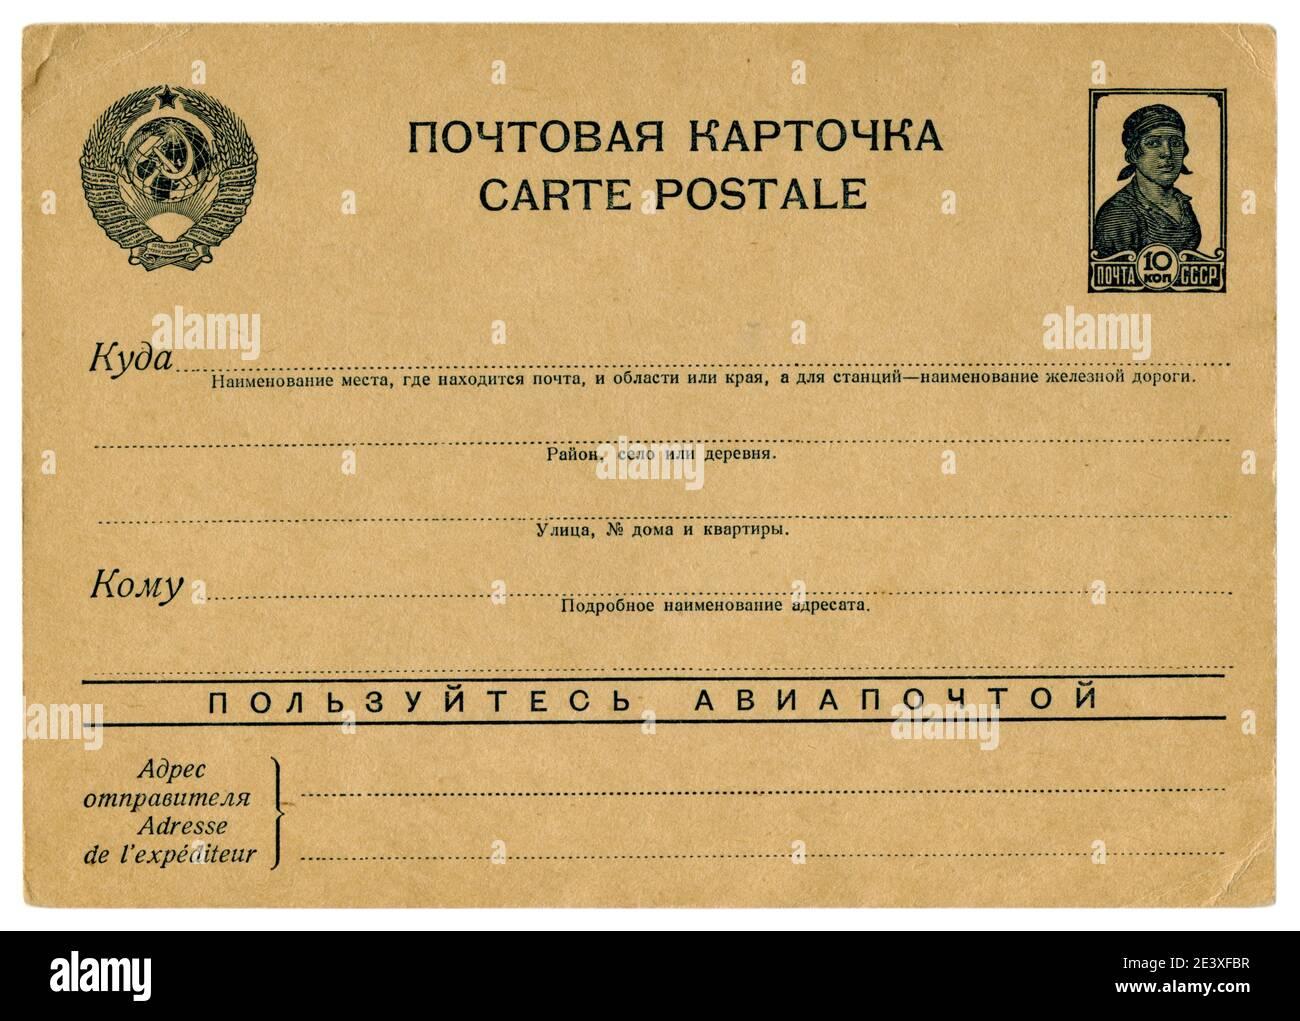 Carta postale storica sovietica: Pubblicità - cartolina di agitazione 'Use the airmail' per corrispondenza locale, francobollo stampato, lavoratrice, 1939 Foto Stock